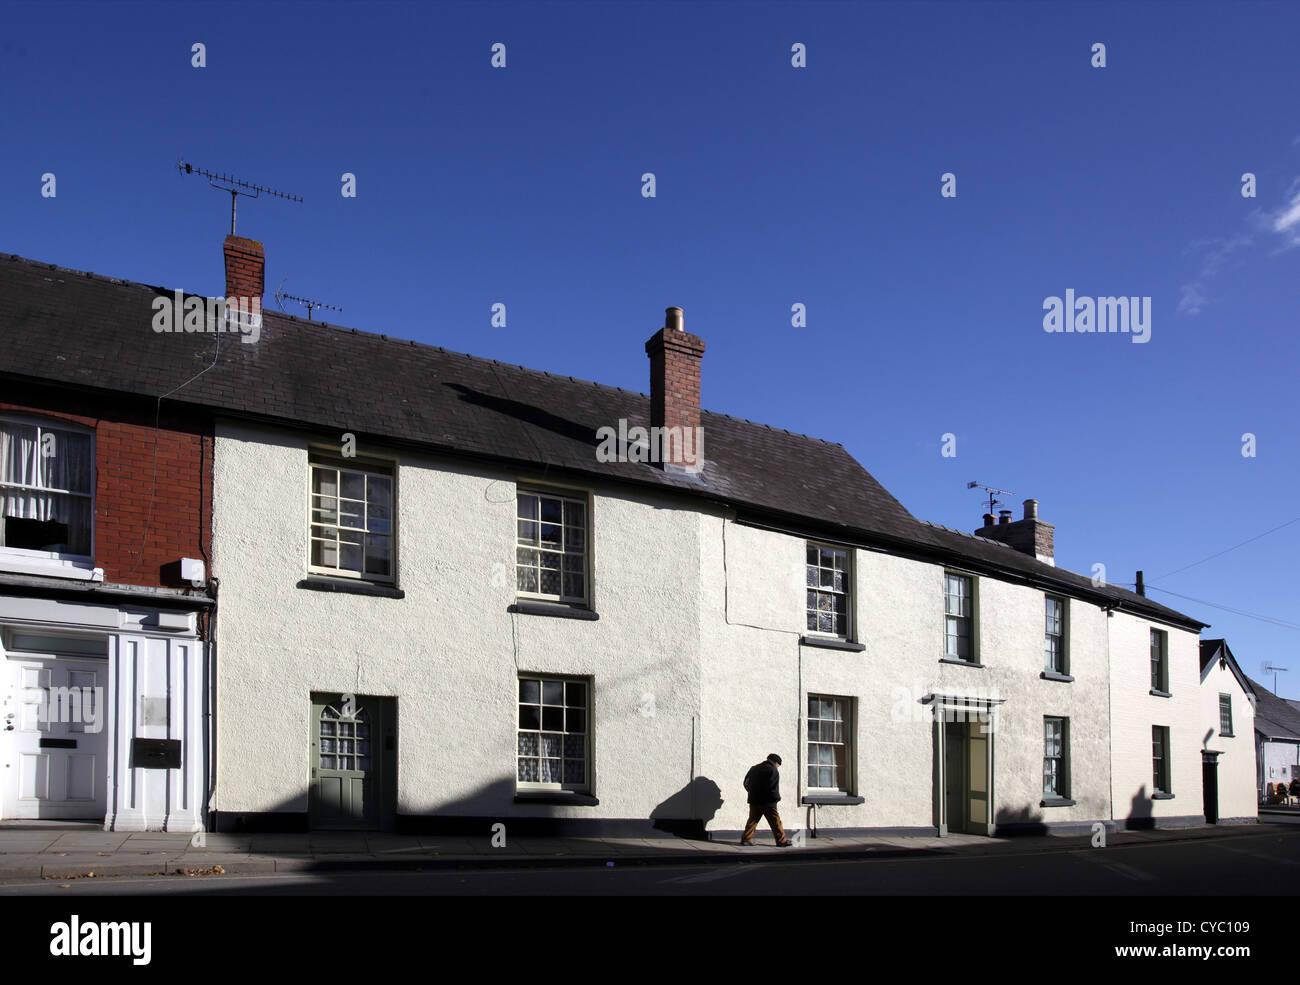 Häuser und einsame Gestalt Presteigne, Powys, Wales UK. Stockbild